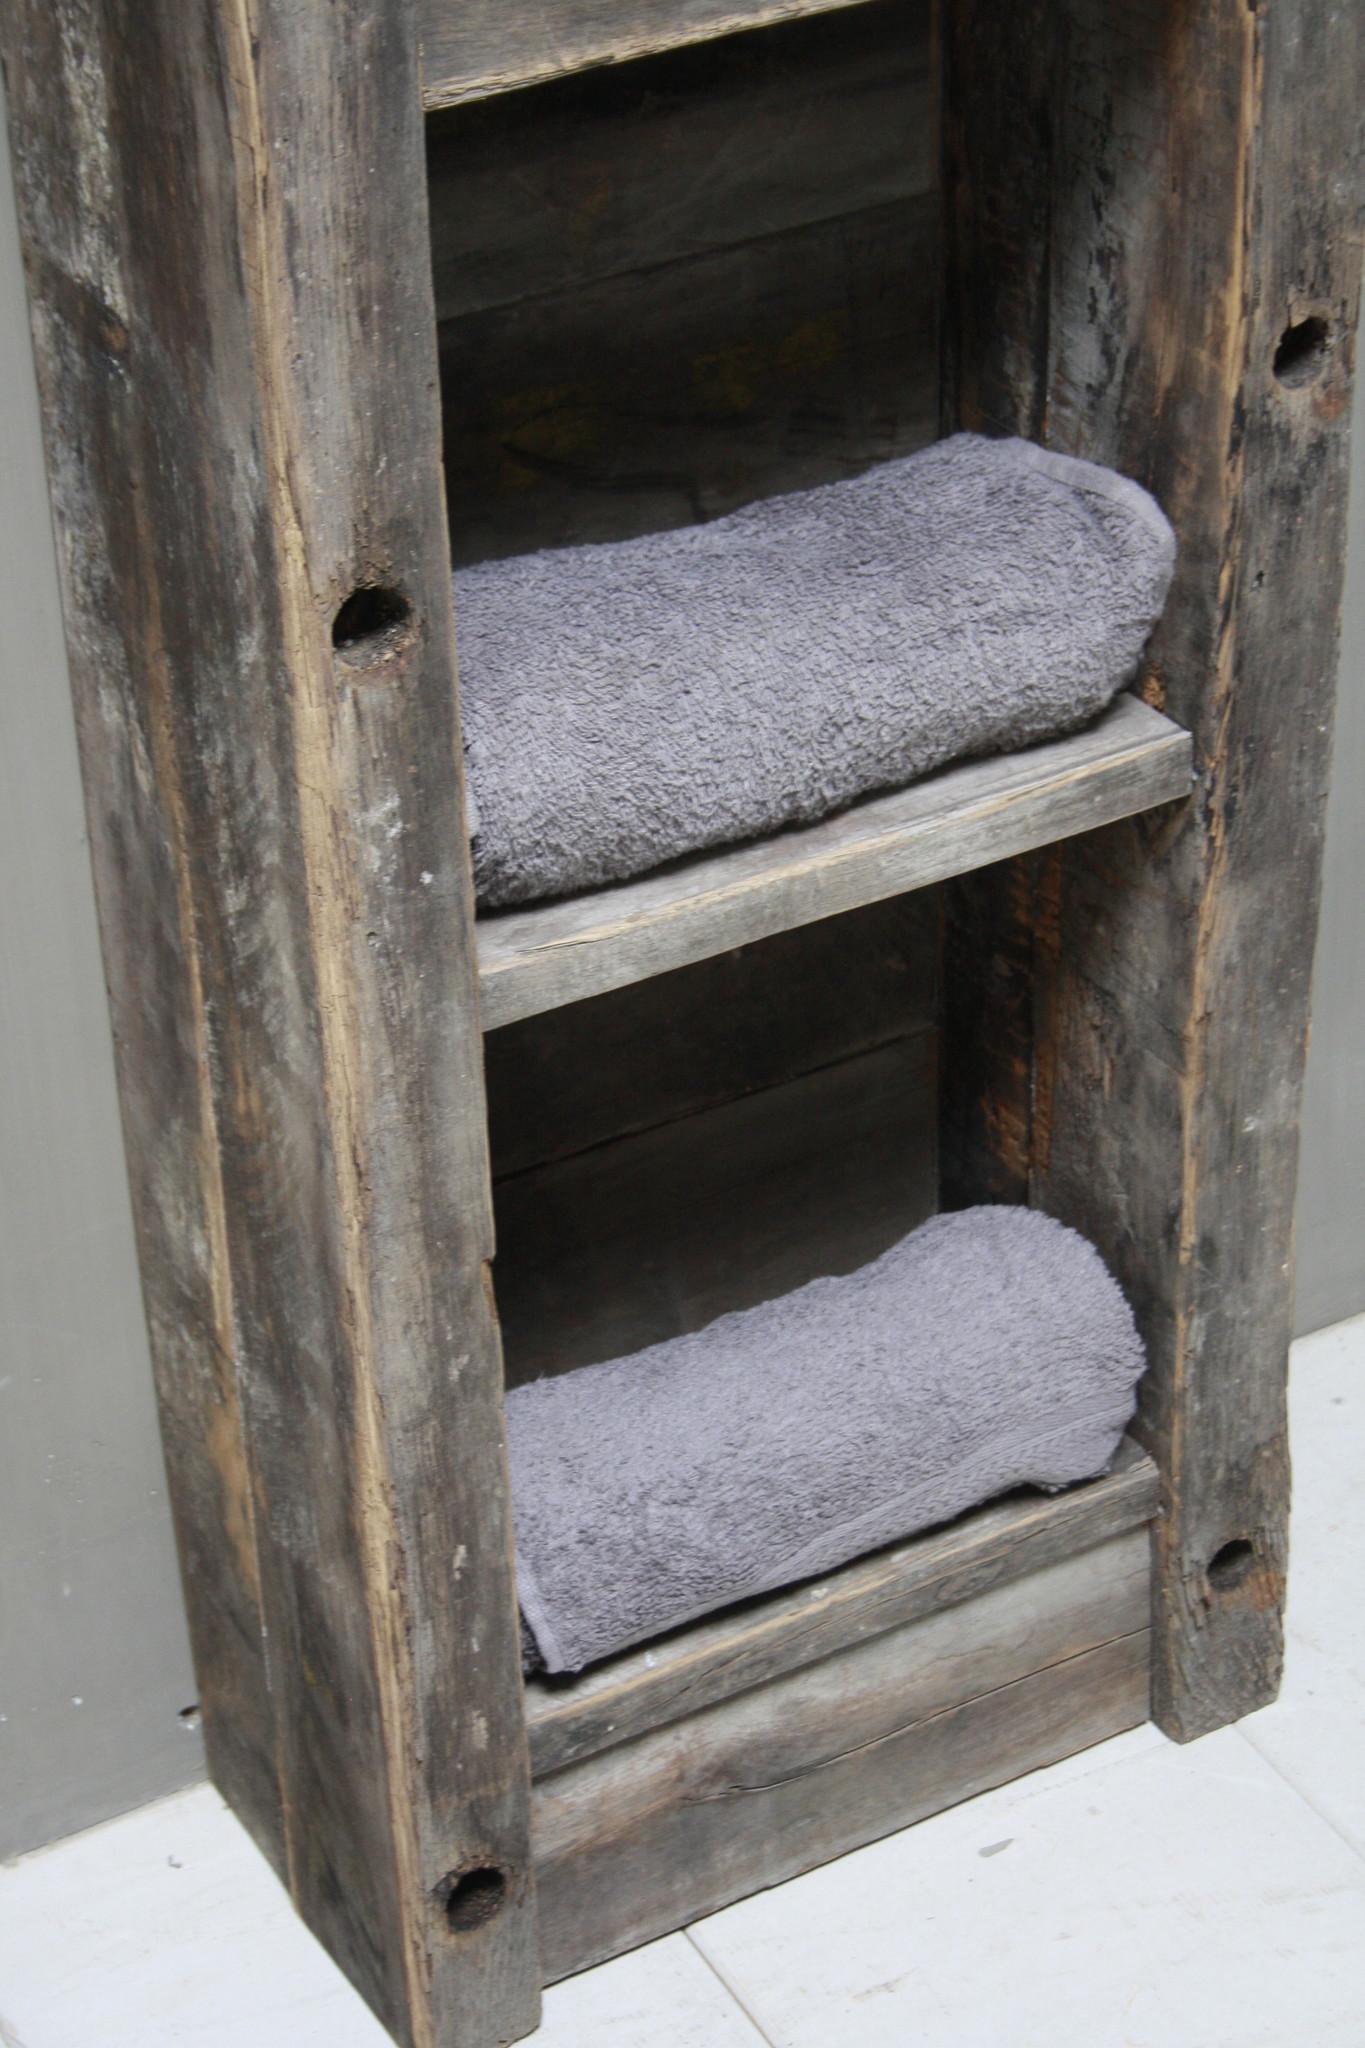 Toiletmeubel oud hout met betonbak 90 cm dark grey-4